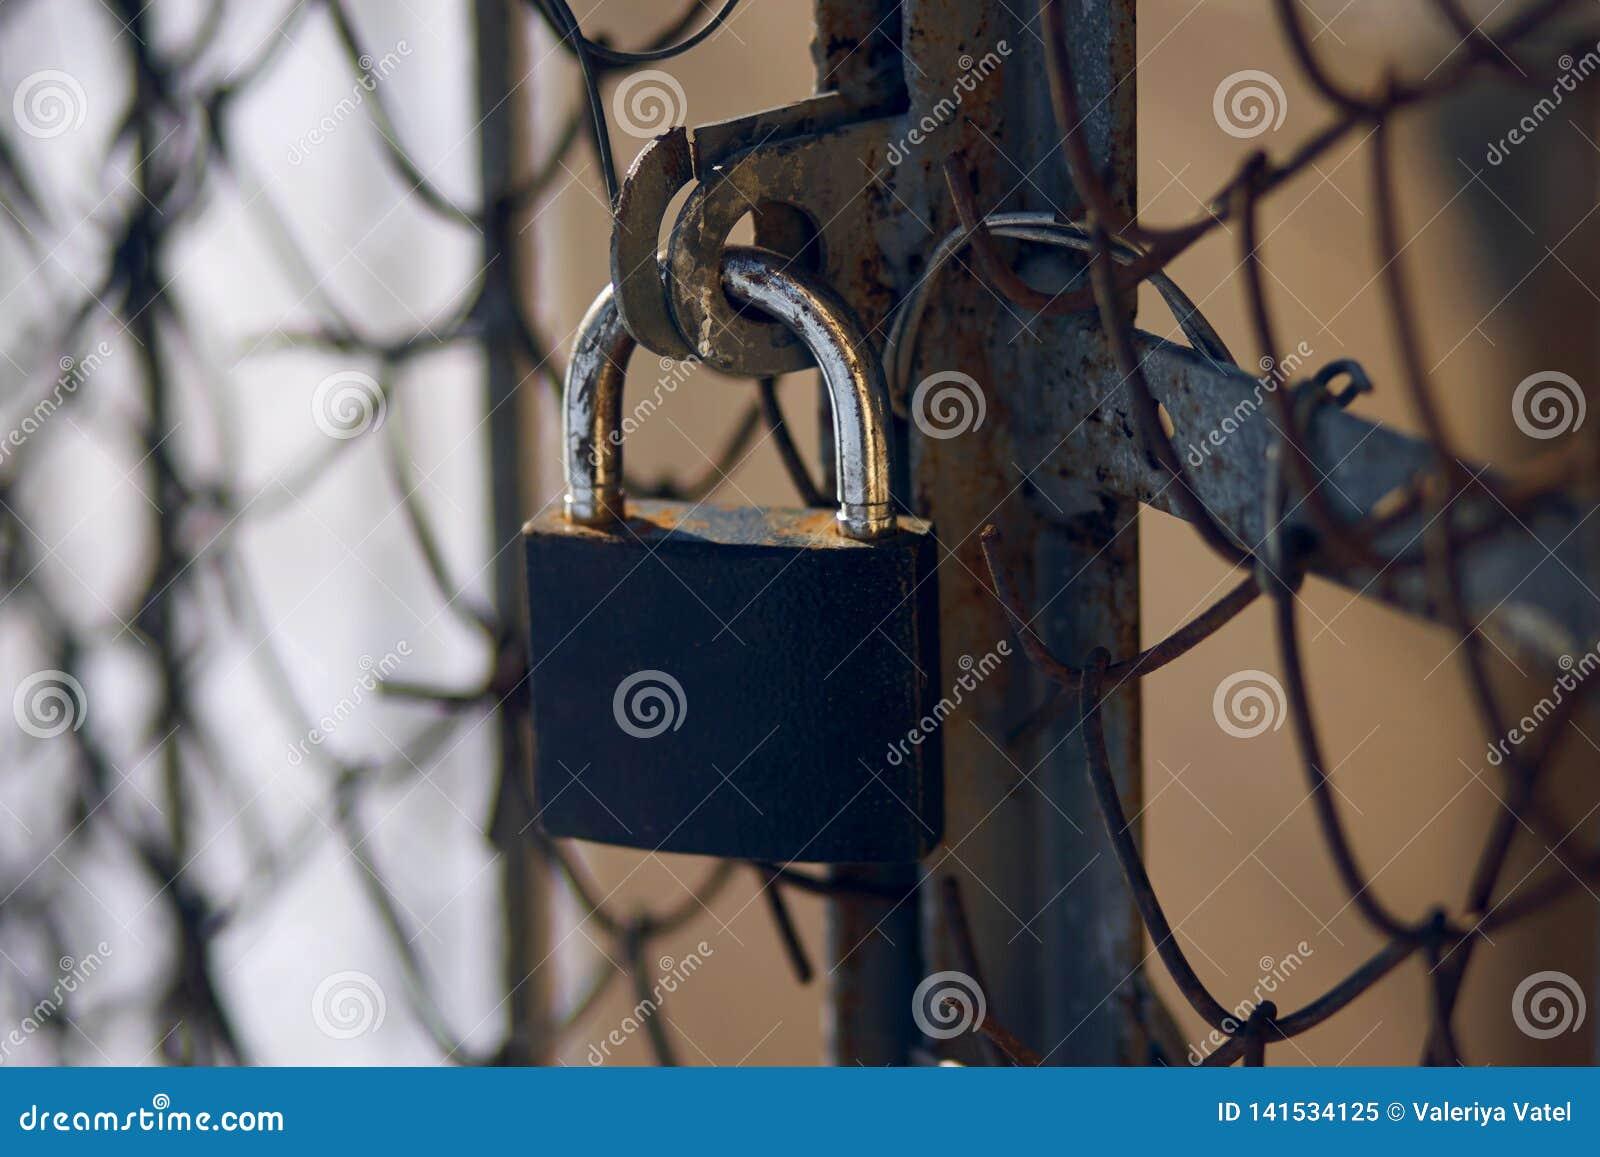 Ein abgedroschener Verschluss, der ein altes rostiges Tor mit einer Metallmasche umfasst